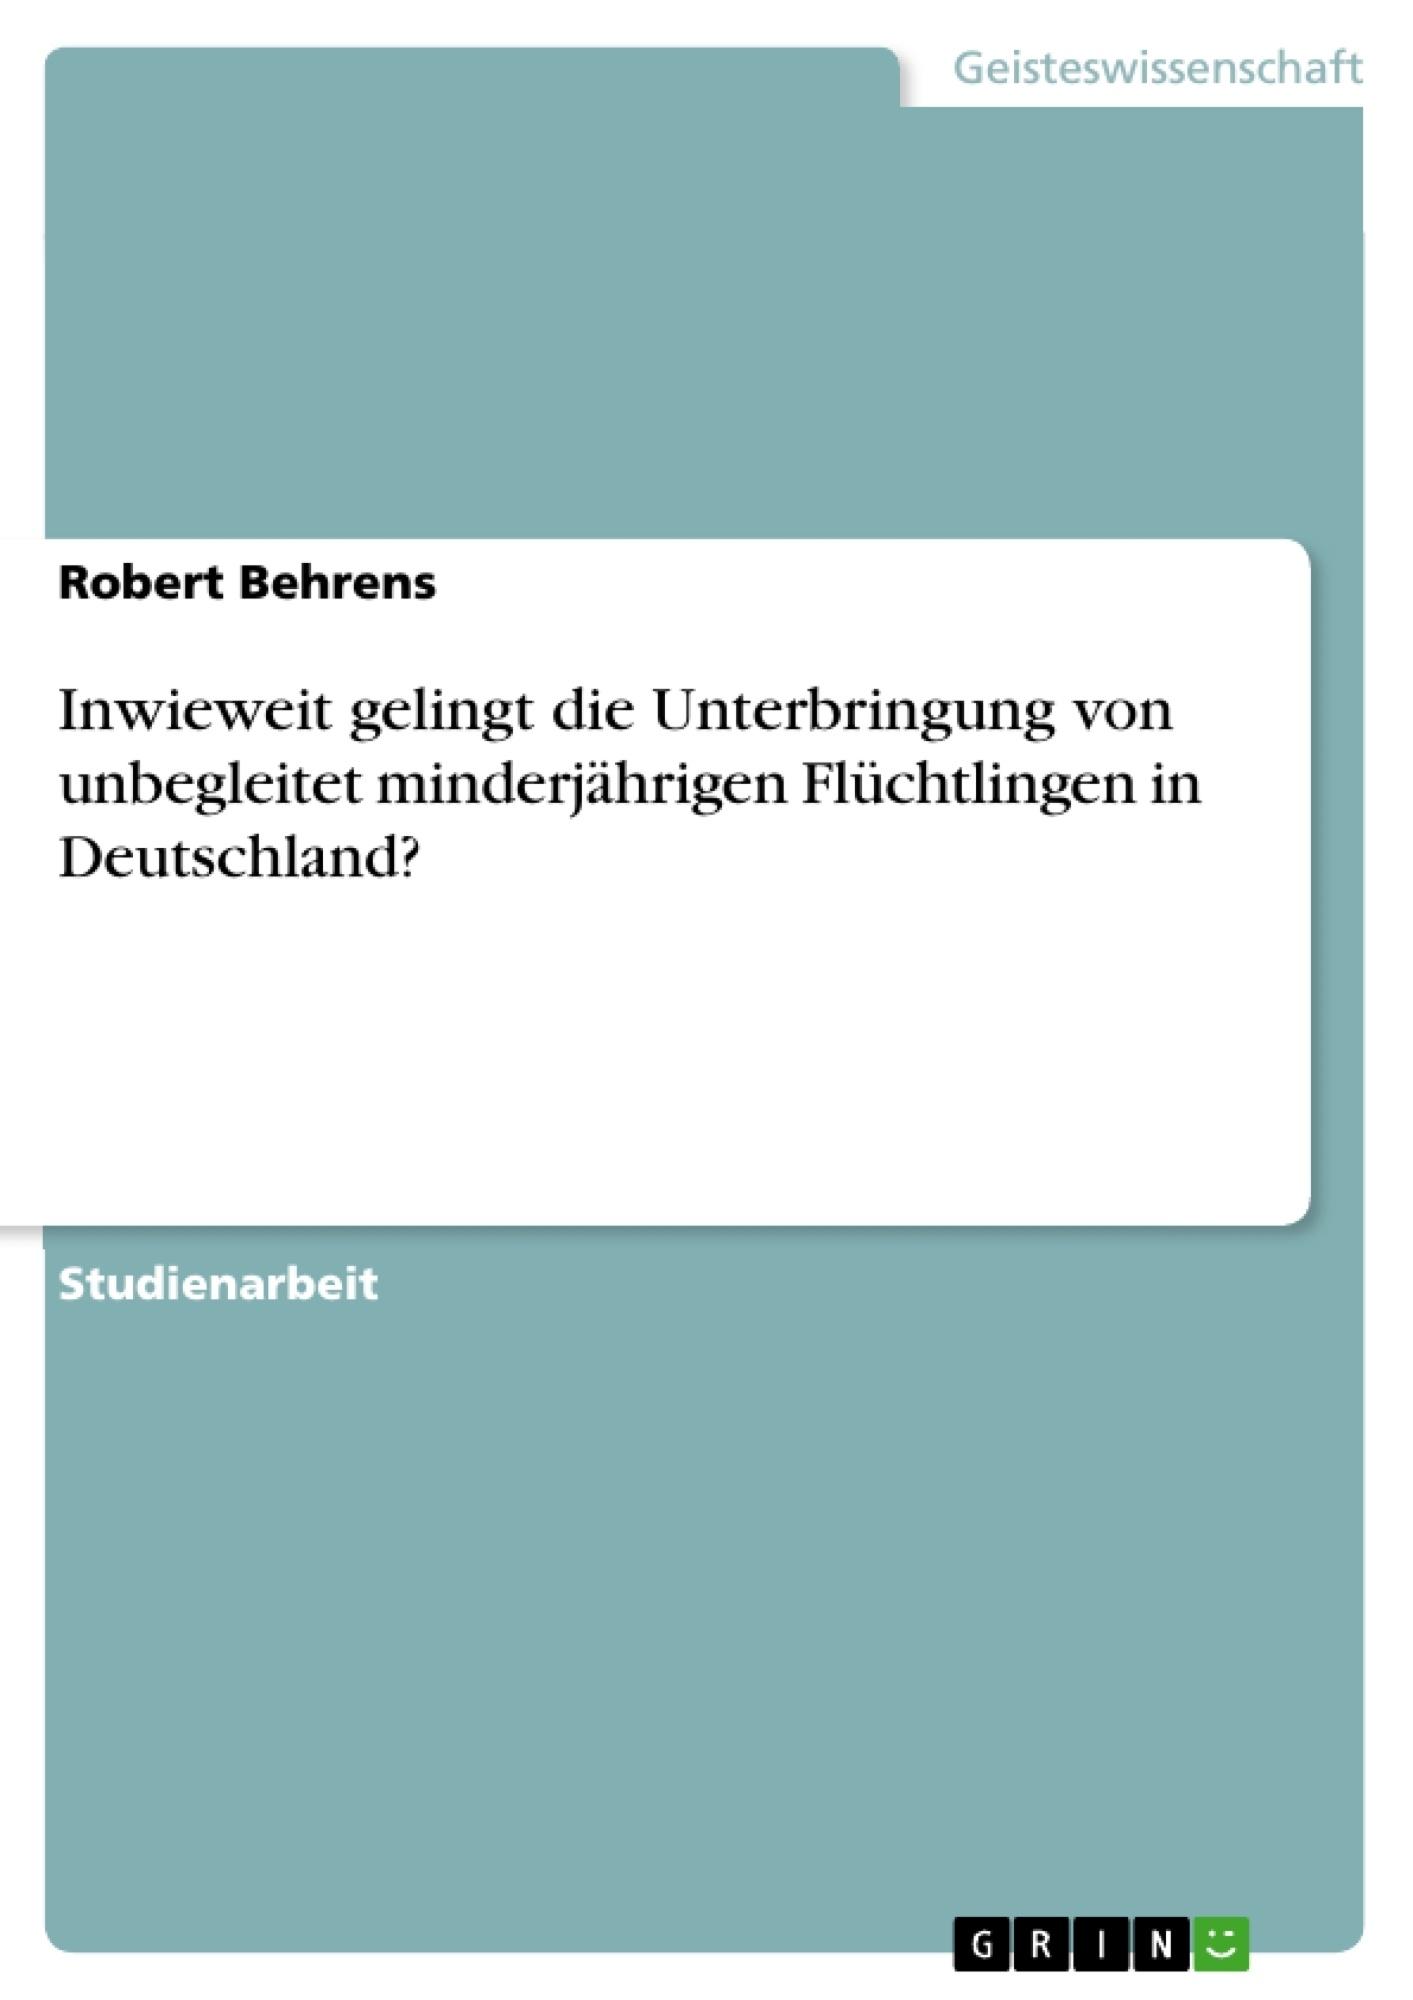 Titel: Inwieweit gelingt die Unterbringung von unbegleitet minderjährigen Flüchtlingen in Deutschland?